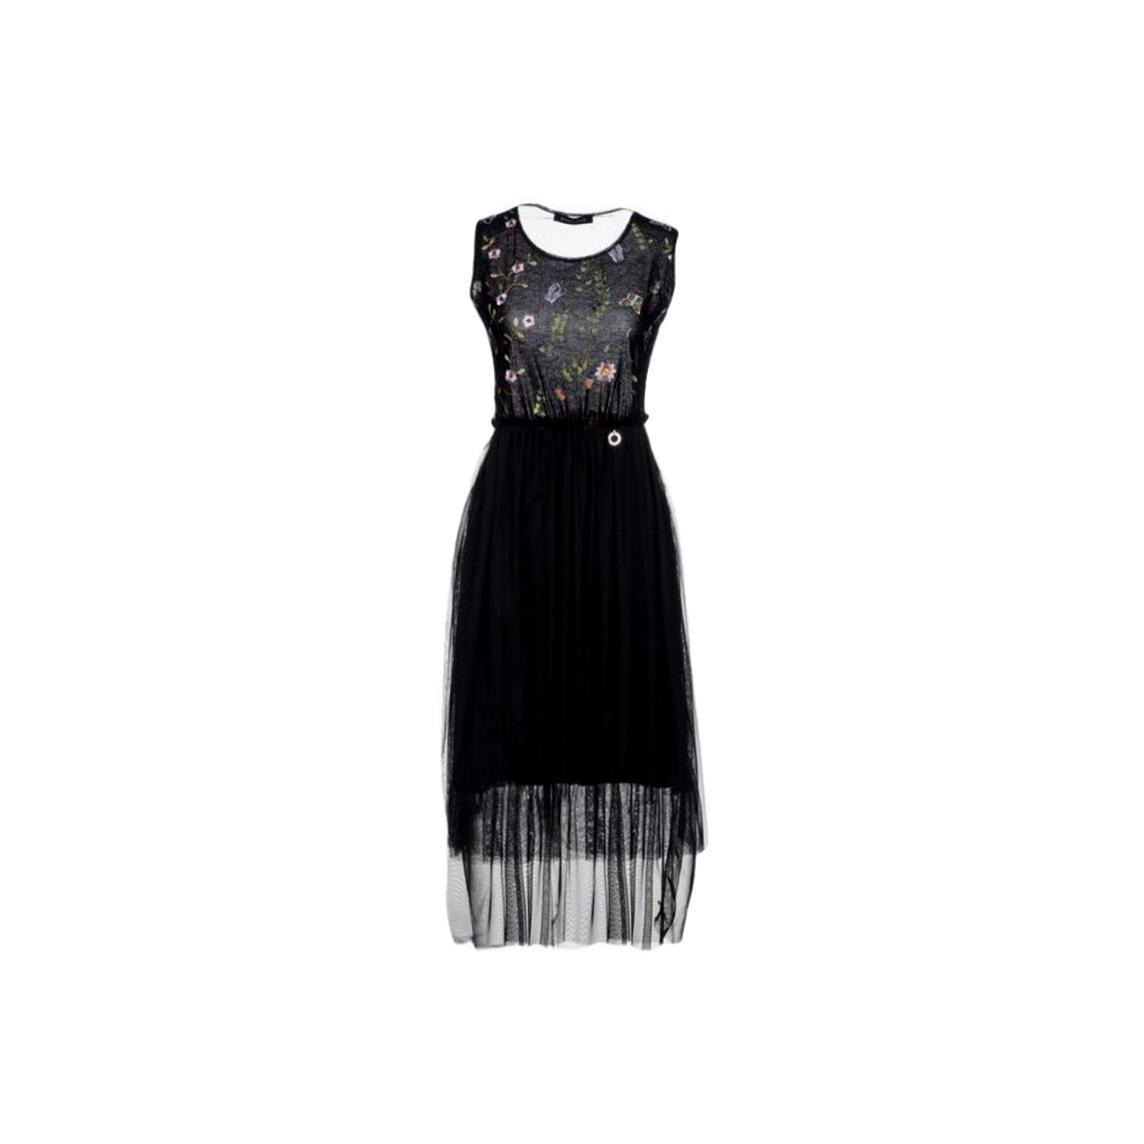 7333a017560 Купить Вечерние платья Maison Margiela за 4000 руб. в интернет ...